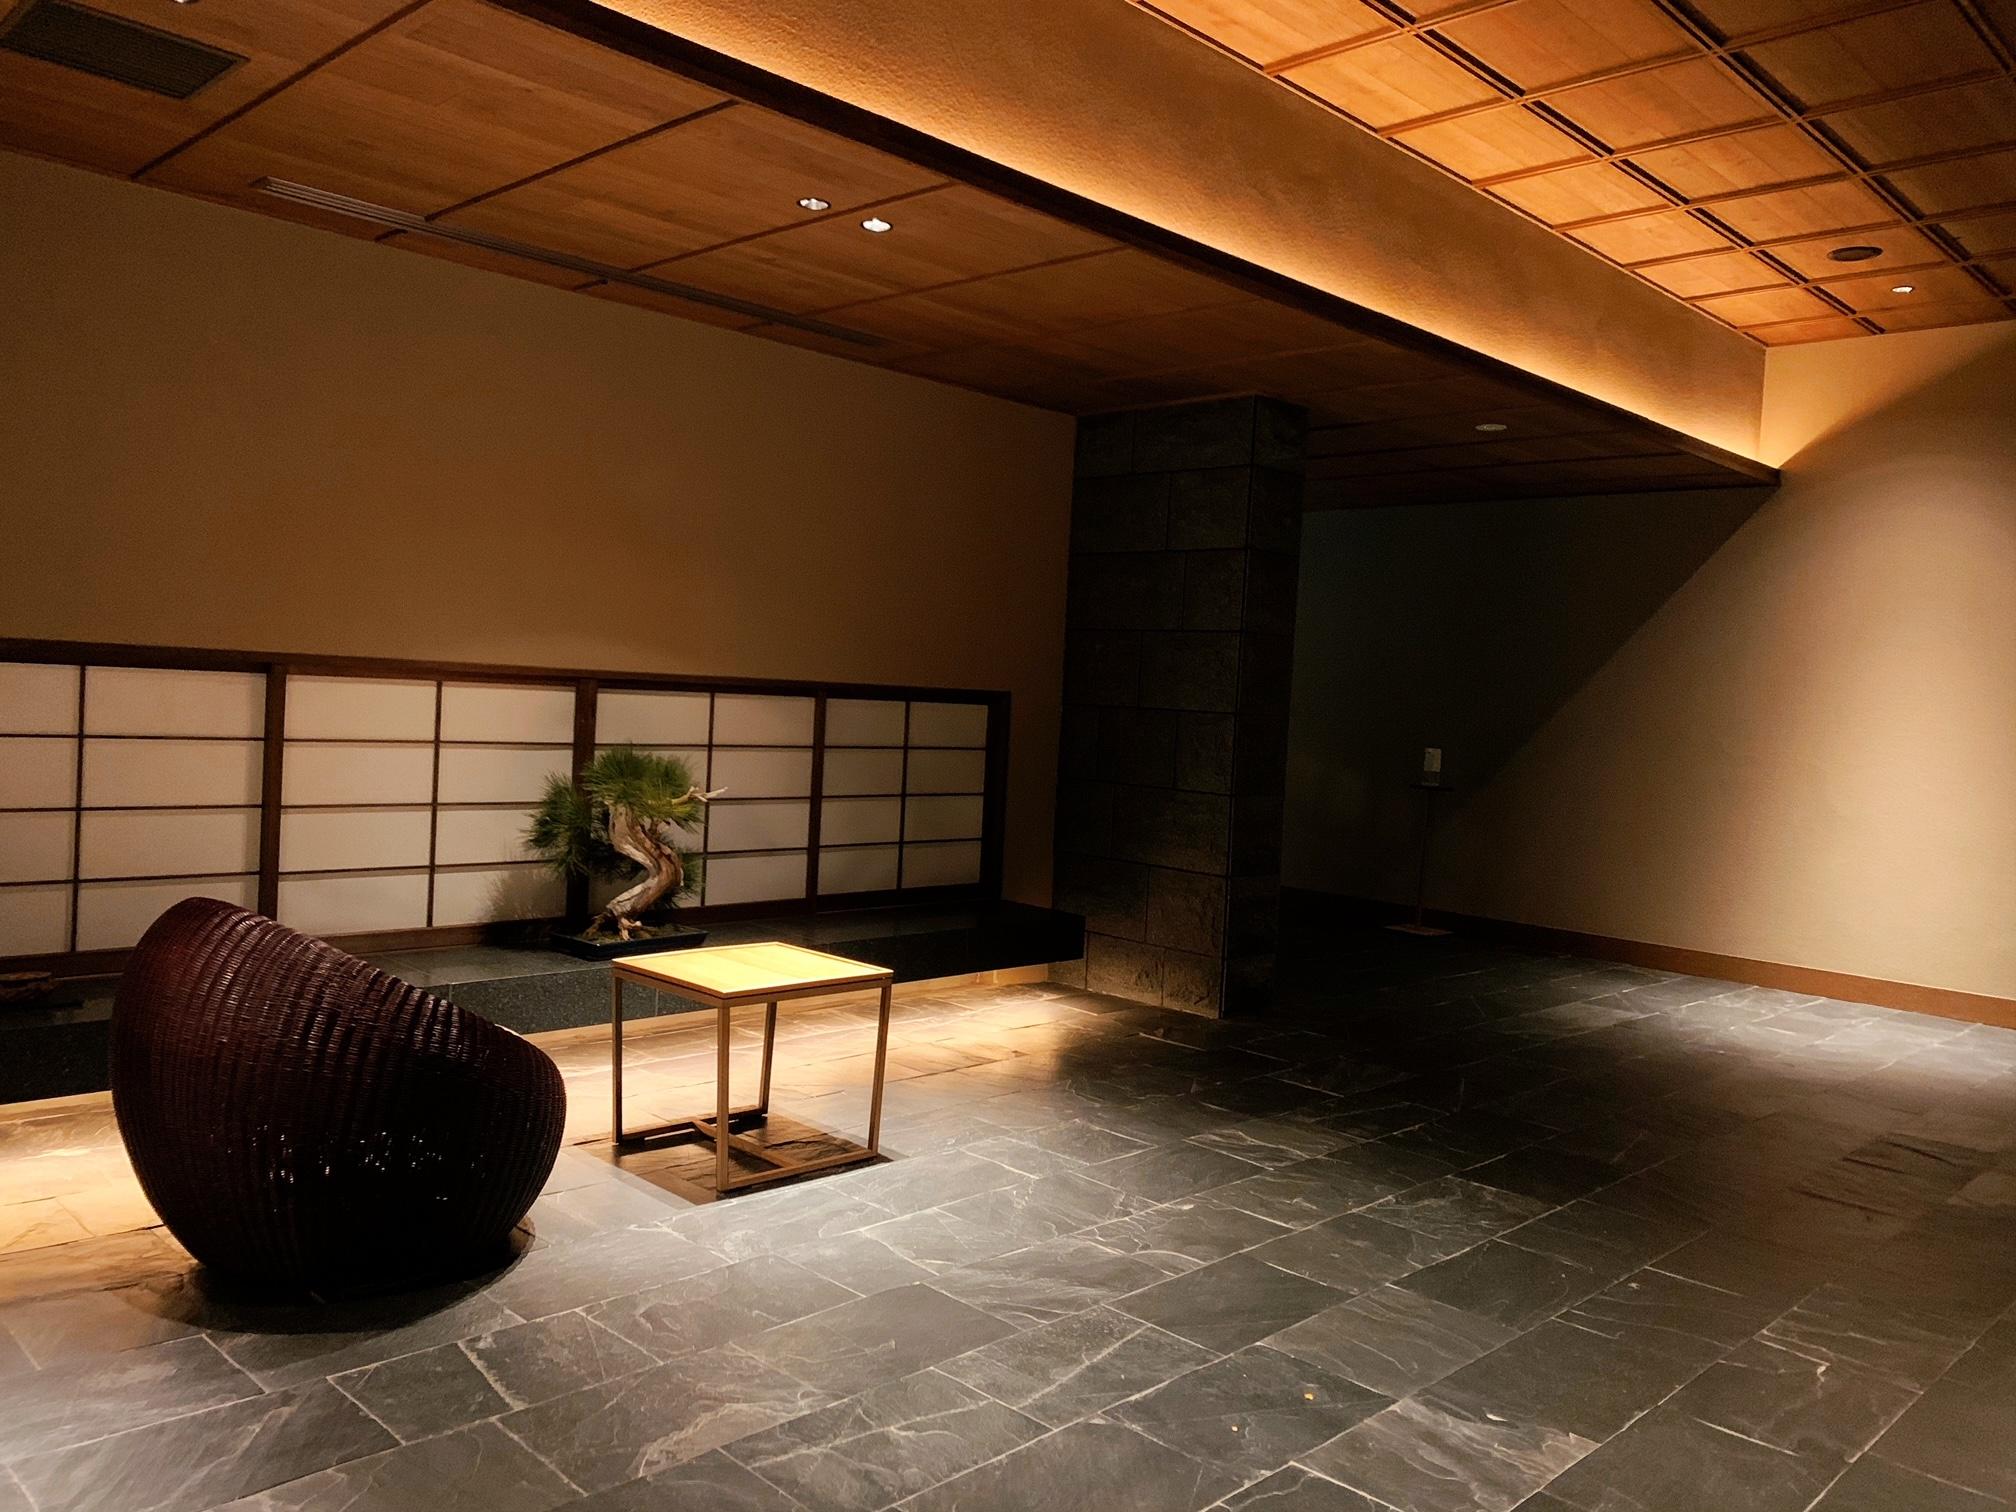 【なかなか予約が取れない!】東京に居ながらにして《箱根の温泉を楽しめる人気スポット》に行ってきた♡_6